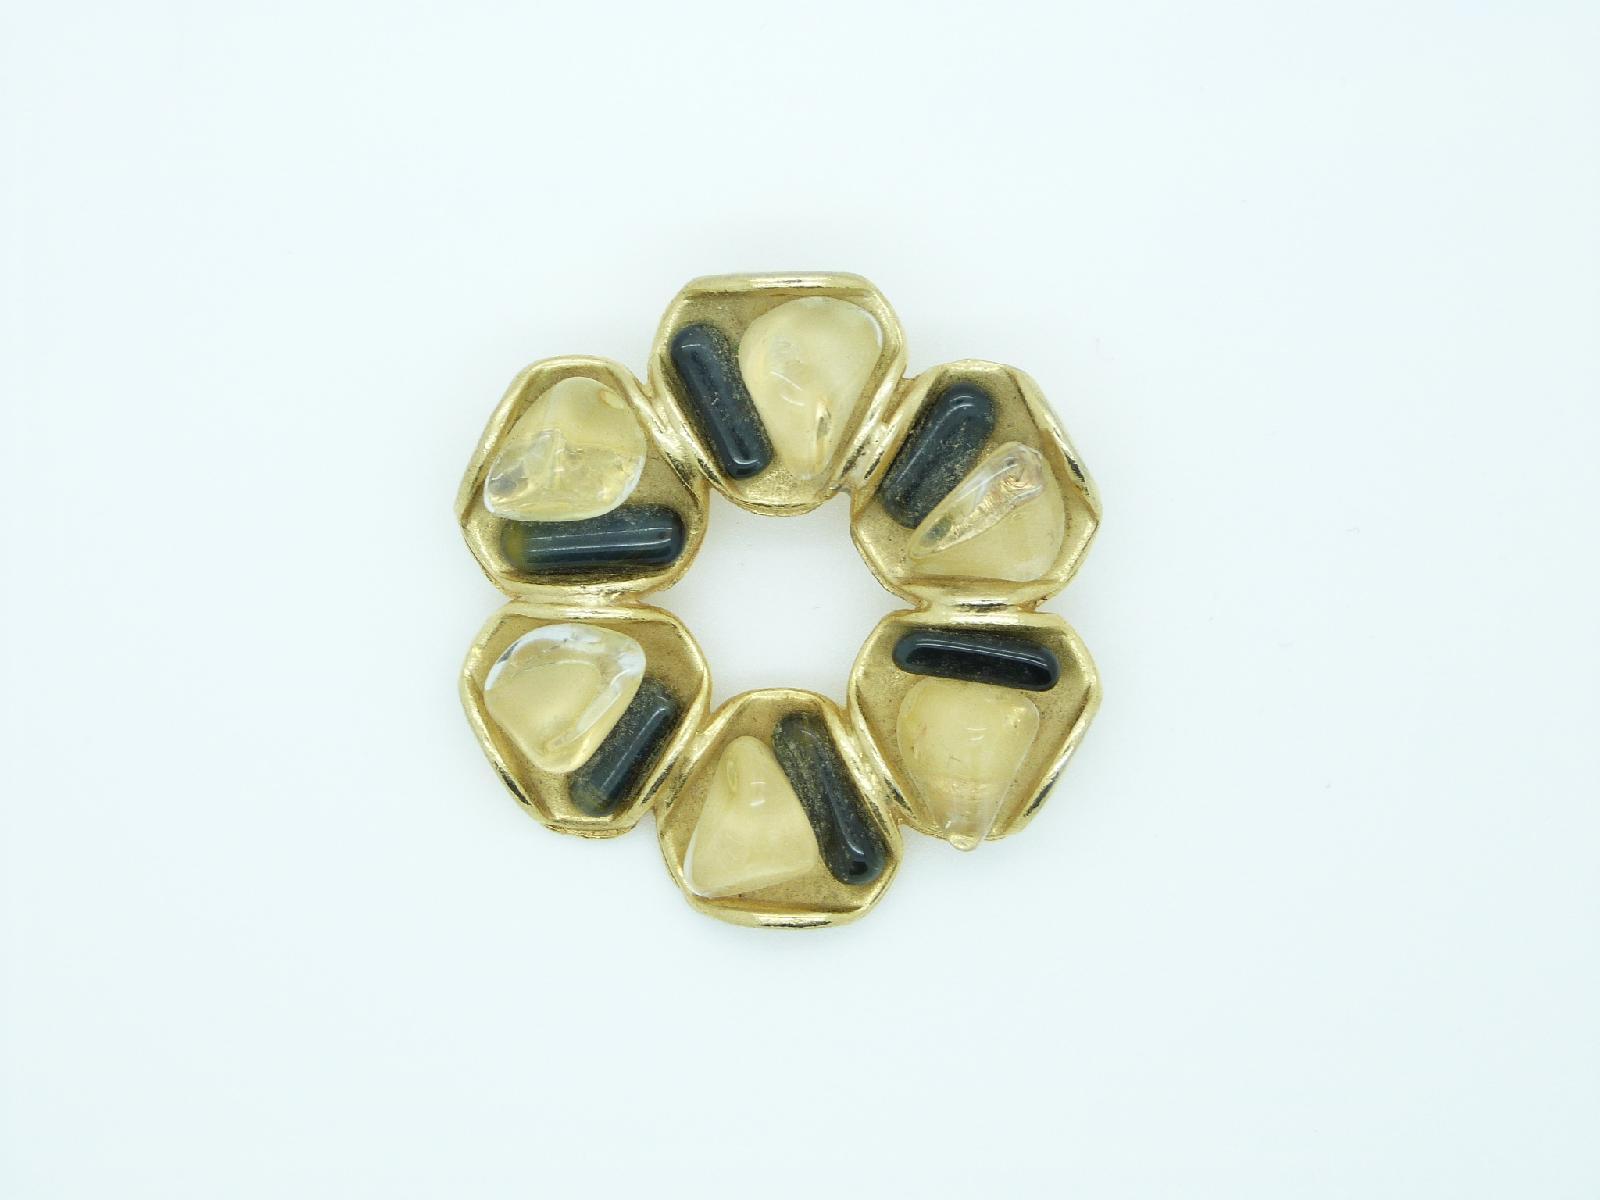 £18.00 - Vintage 60s Modernist Black and Citrine Glass Circle Goldtone Brooch